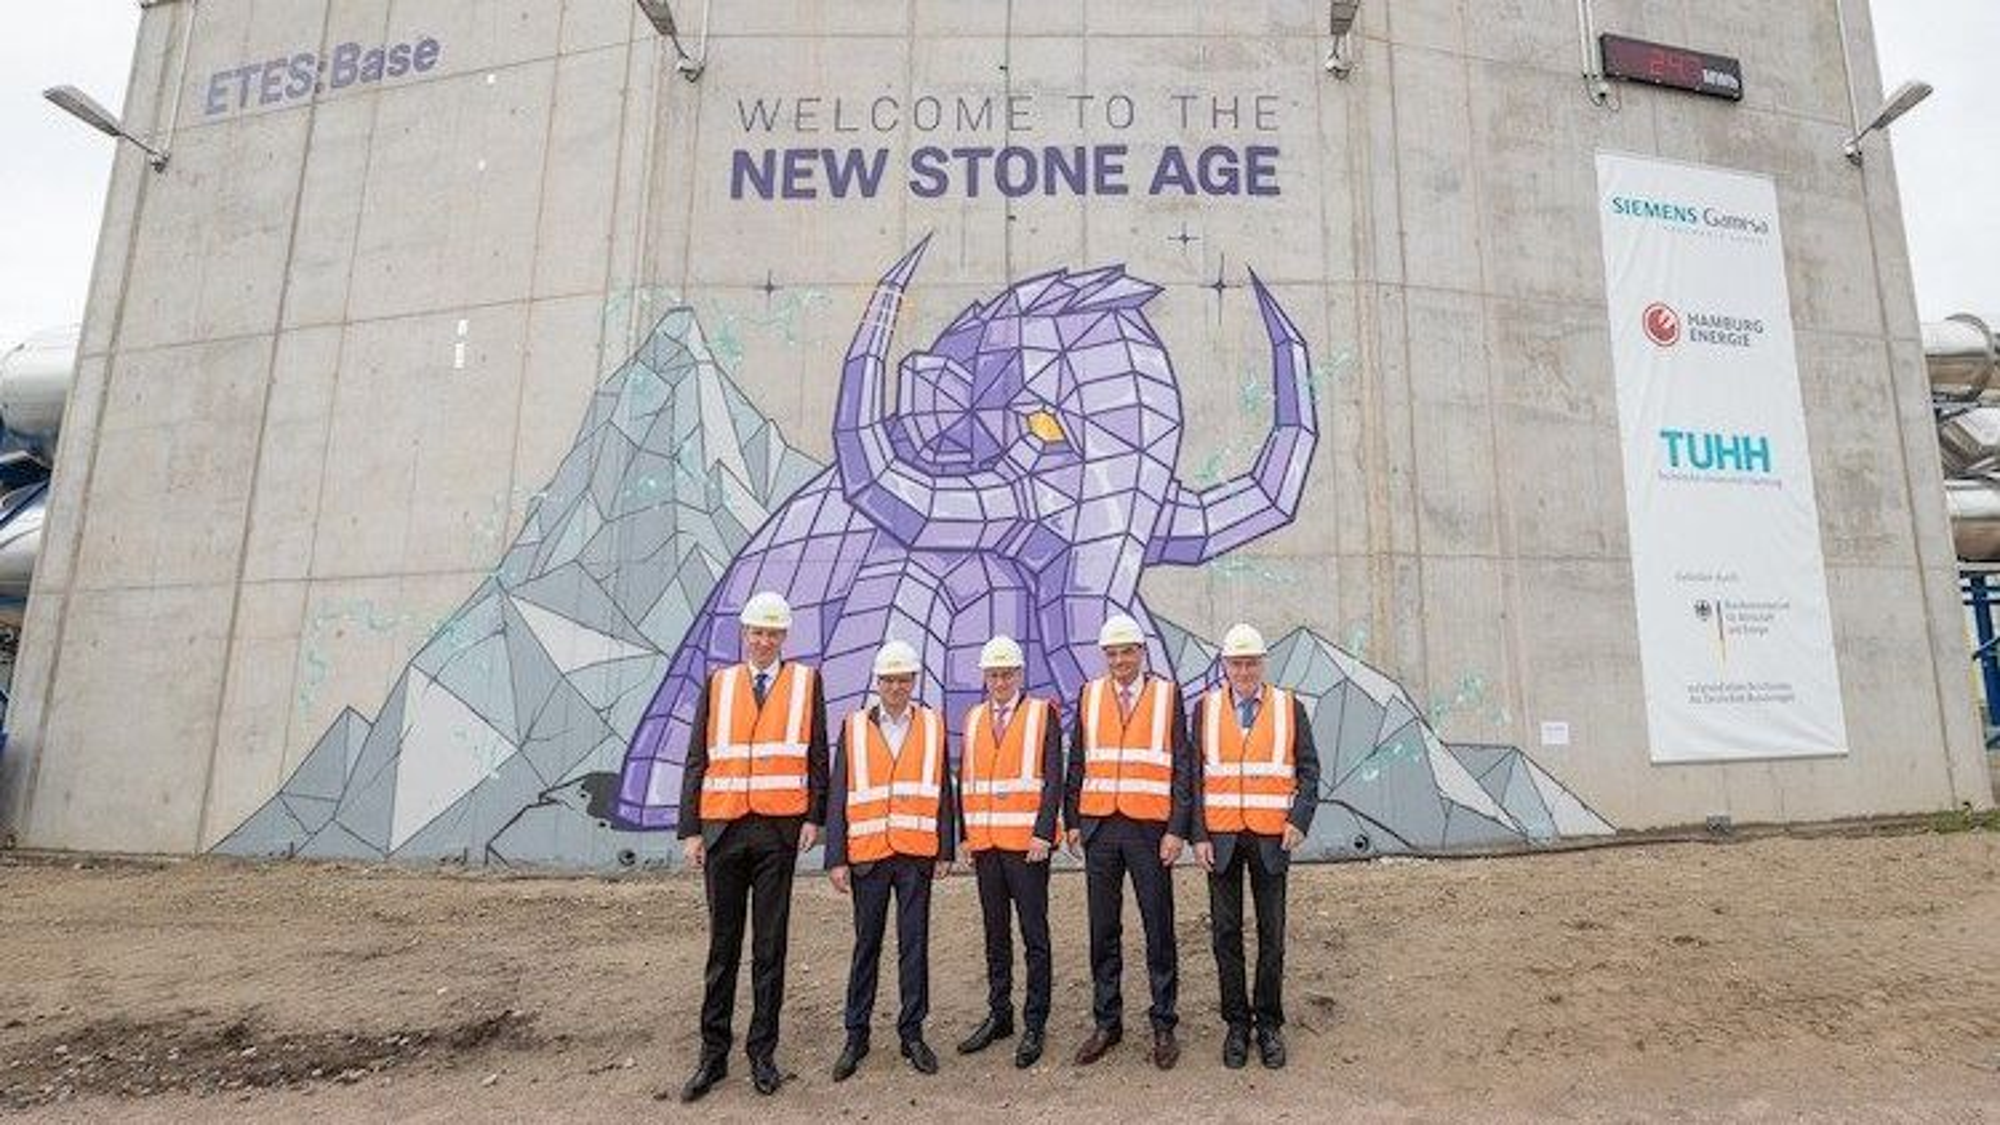 Vindmøllegiganten Siemens Gamesa har nettopp åpnet et pilotanlegg for lagring av energi i 1000 tonn vulkansk stein.